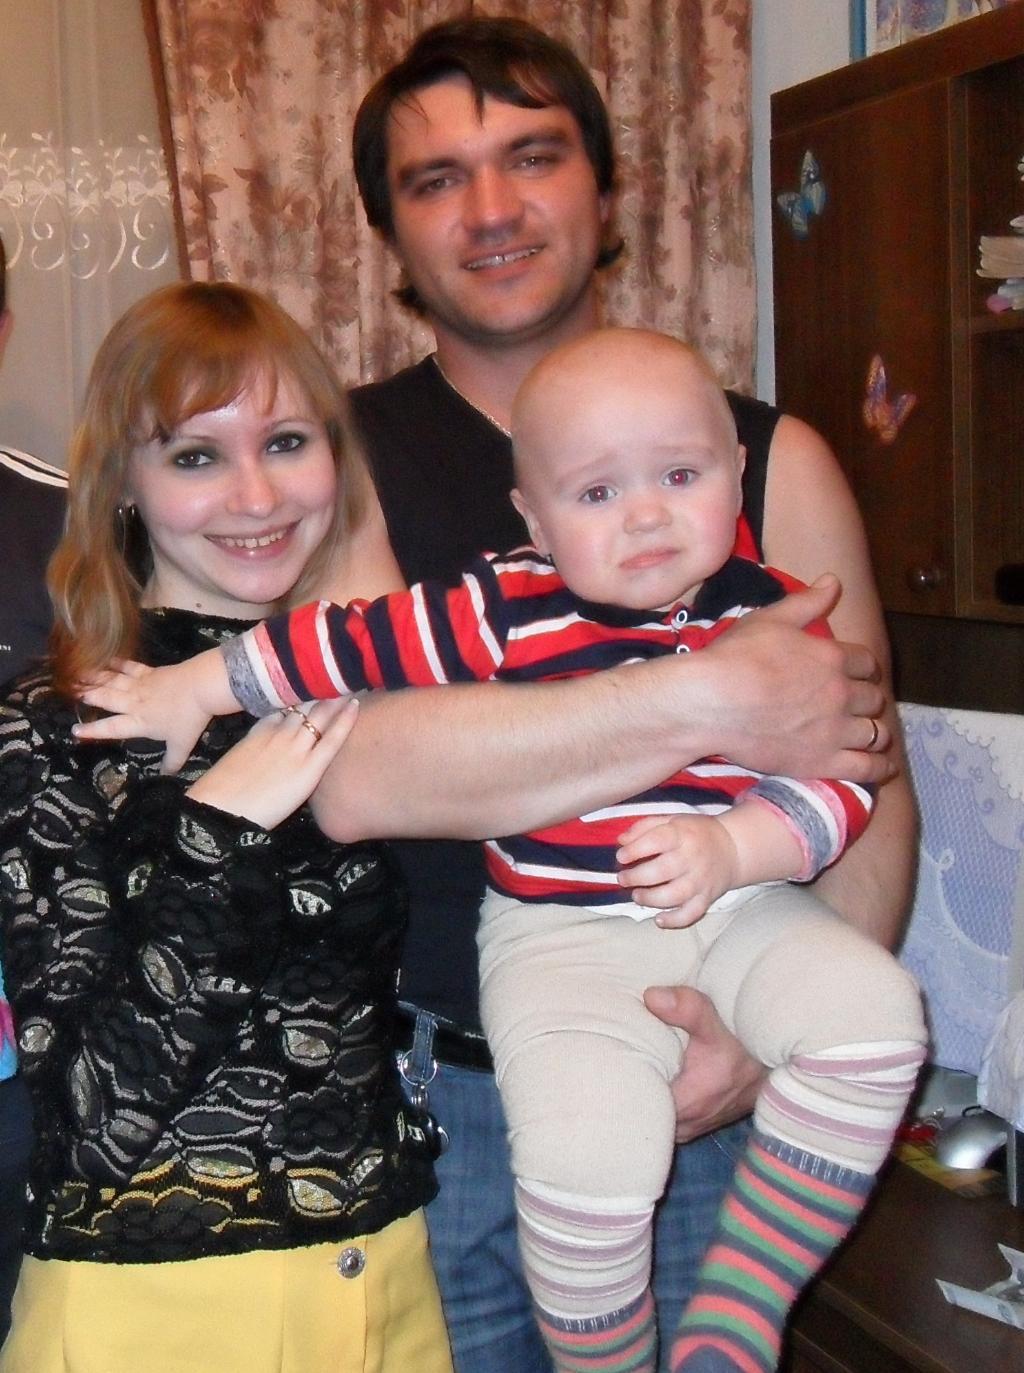 наша пока ещё маленькая, дружная, любимая  семья!. Мама, папа, я - счастливая семья!